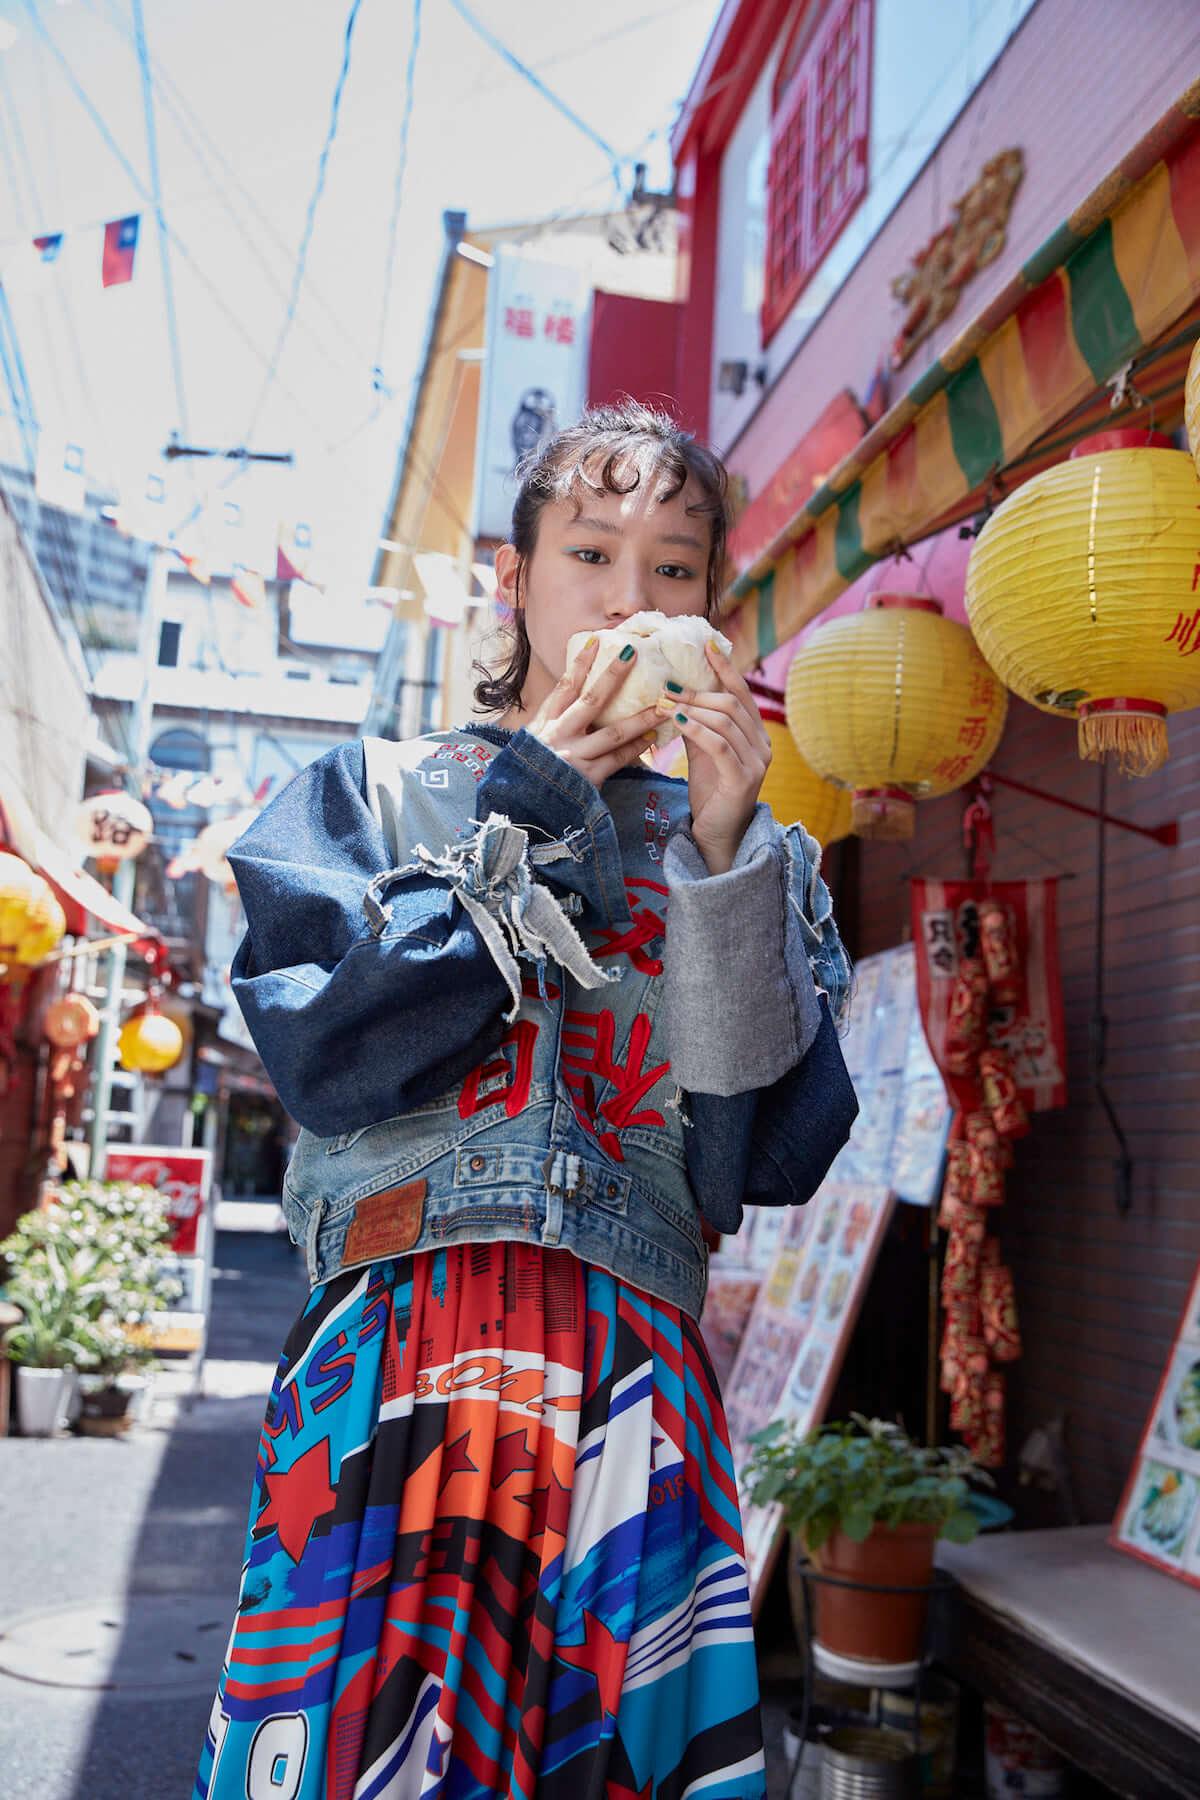 女優・南沙良、自身が製作した衣装で話題のフリーマガジンに登場!「自分のことを表現するのがすごく苦手だから、好きなお洋服で伝えられたら」 0910-tokyovoice_minami_01-1200x1800